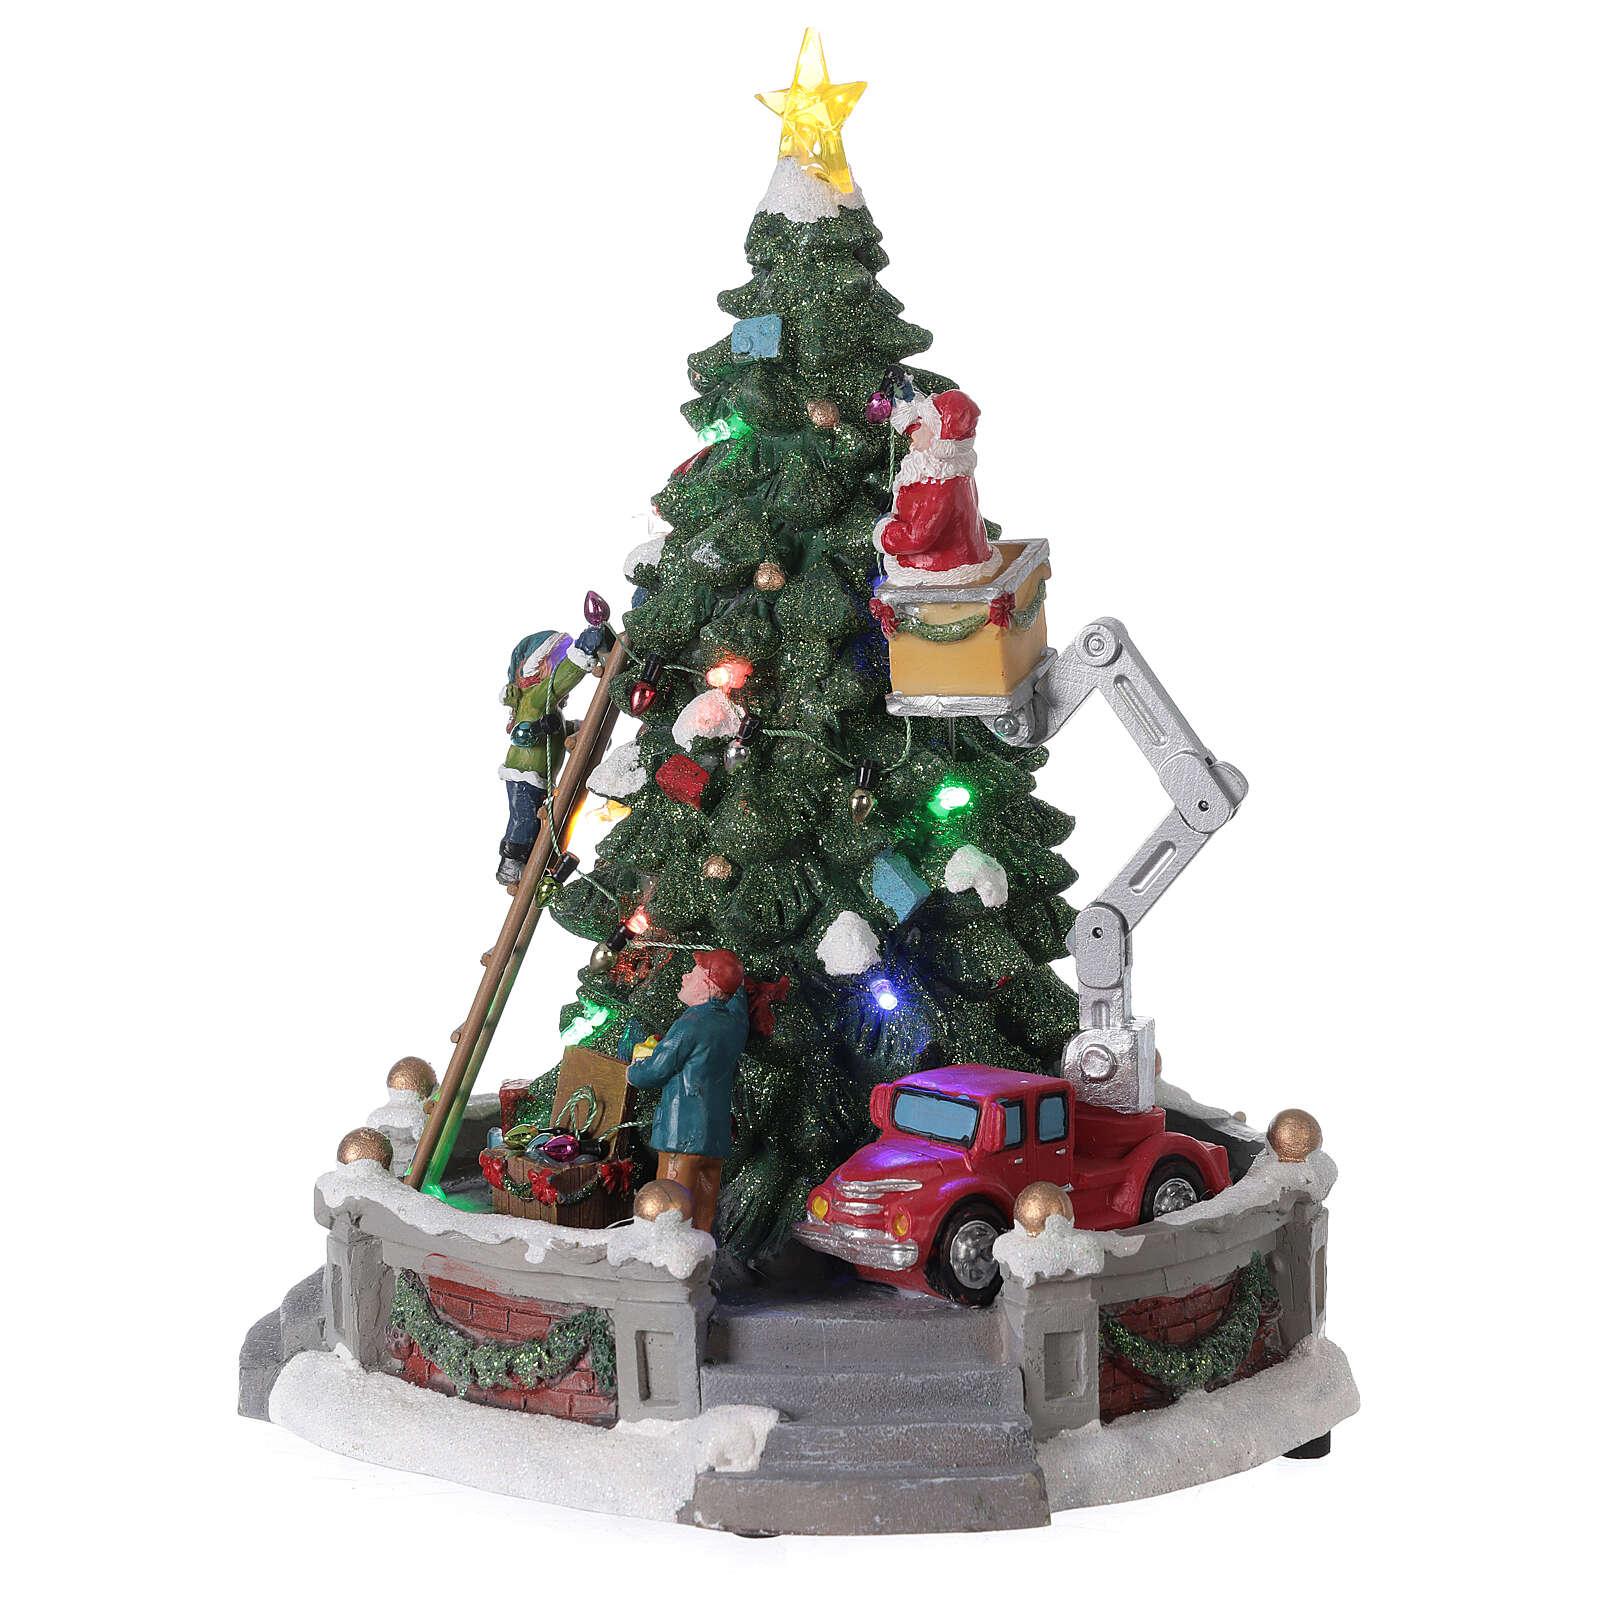 Sapin Noël village Père Noël nacelle lumières musique 25x20x20 cm 3